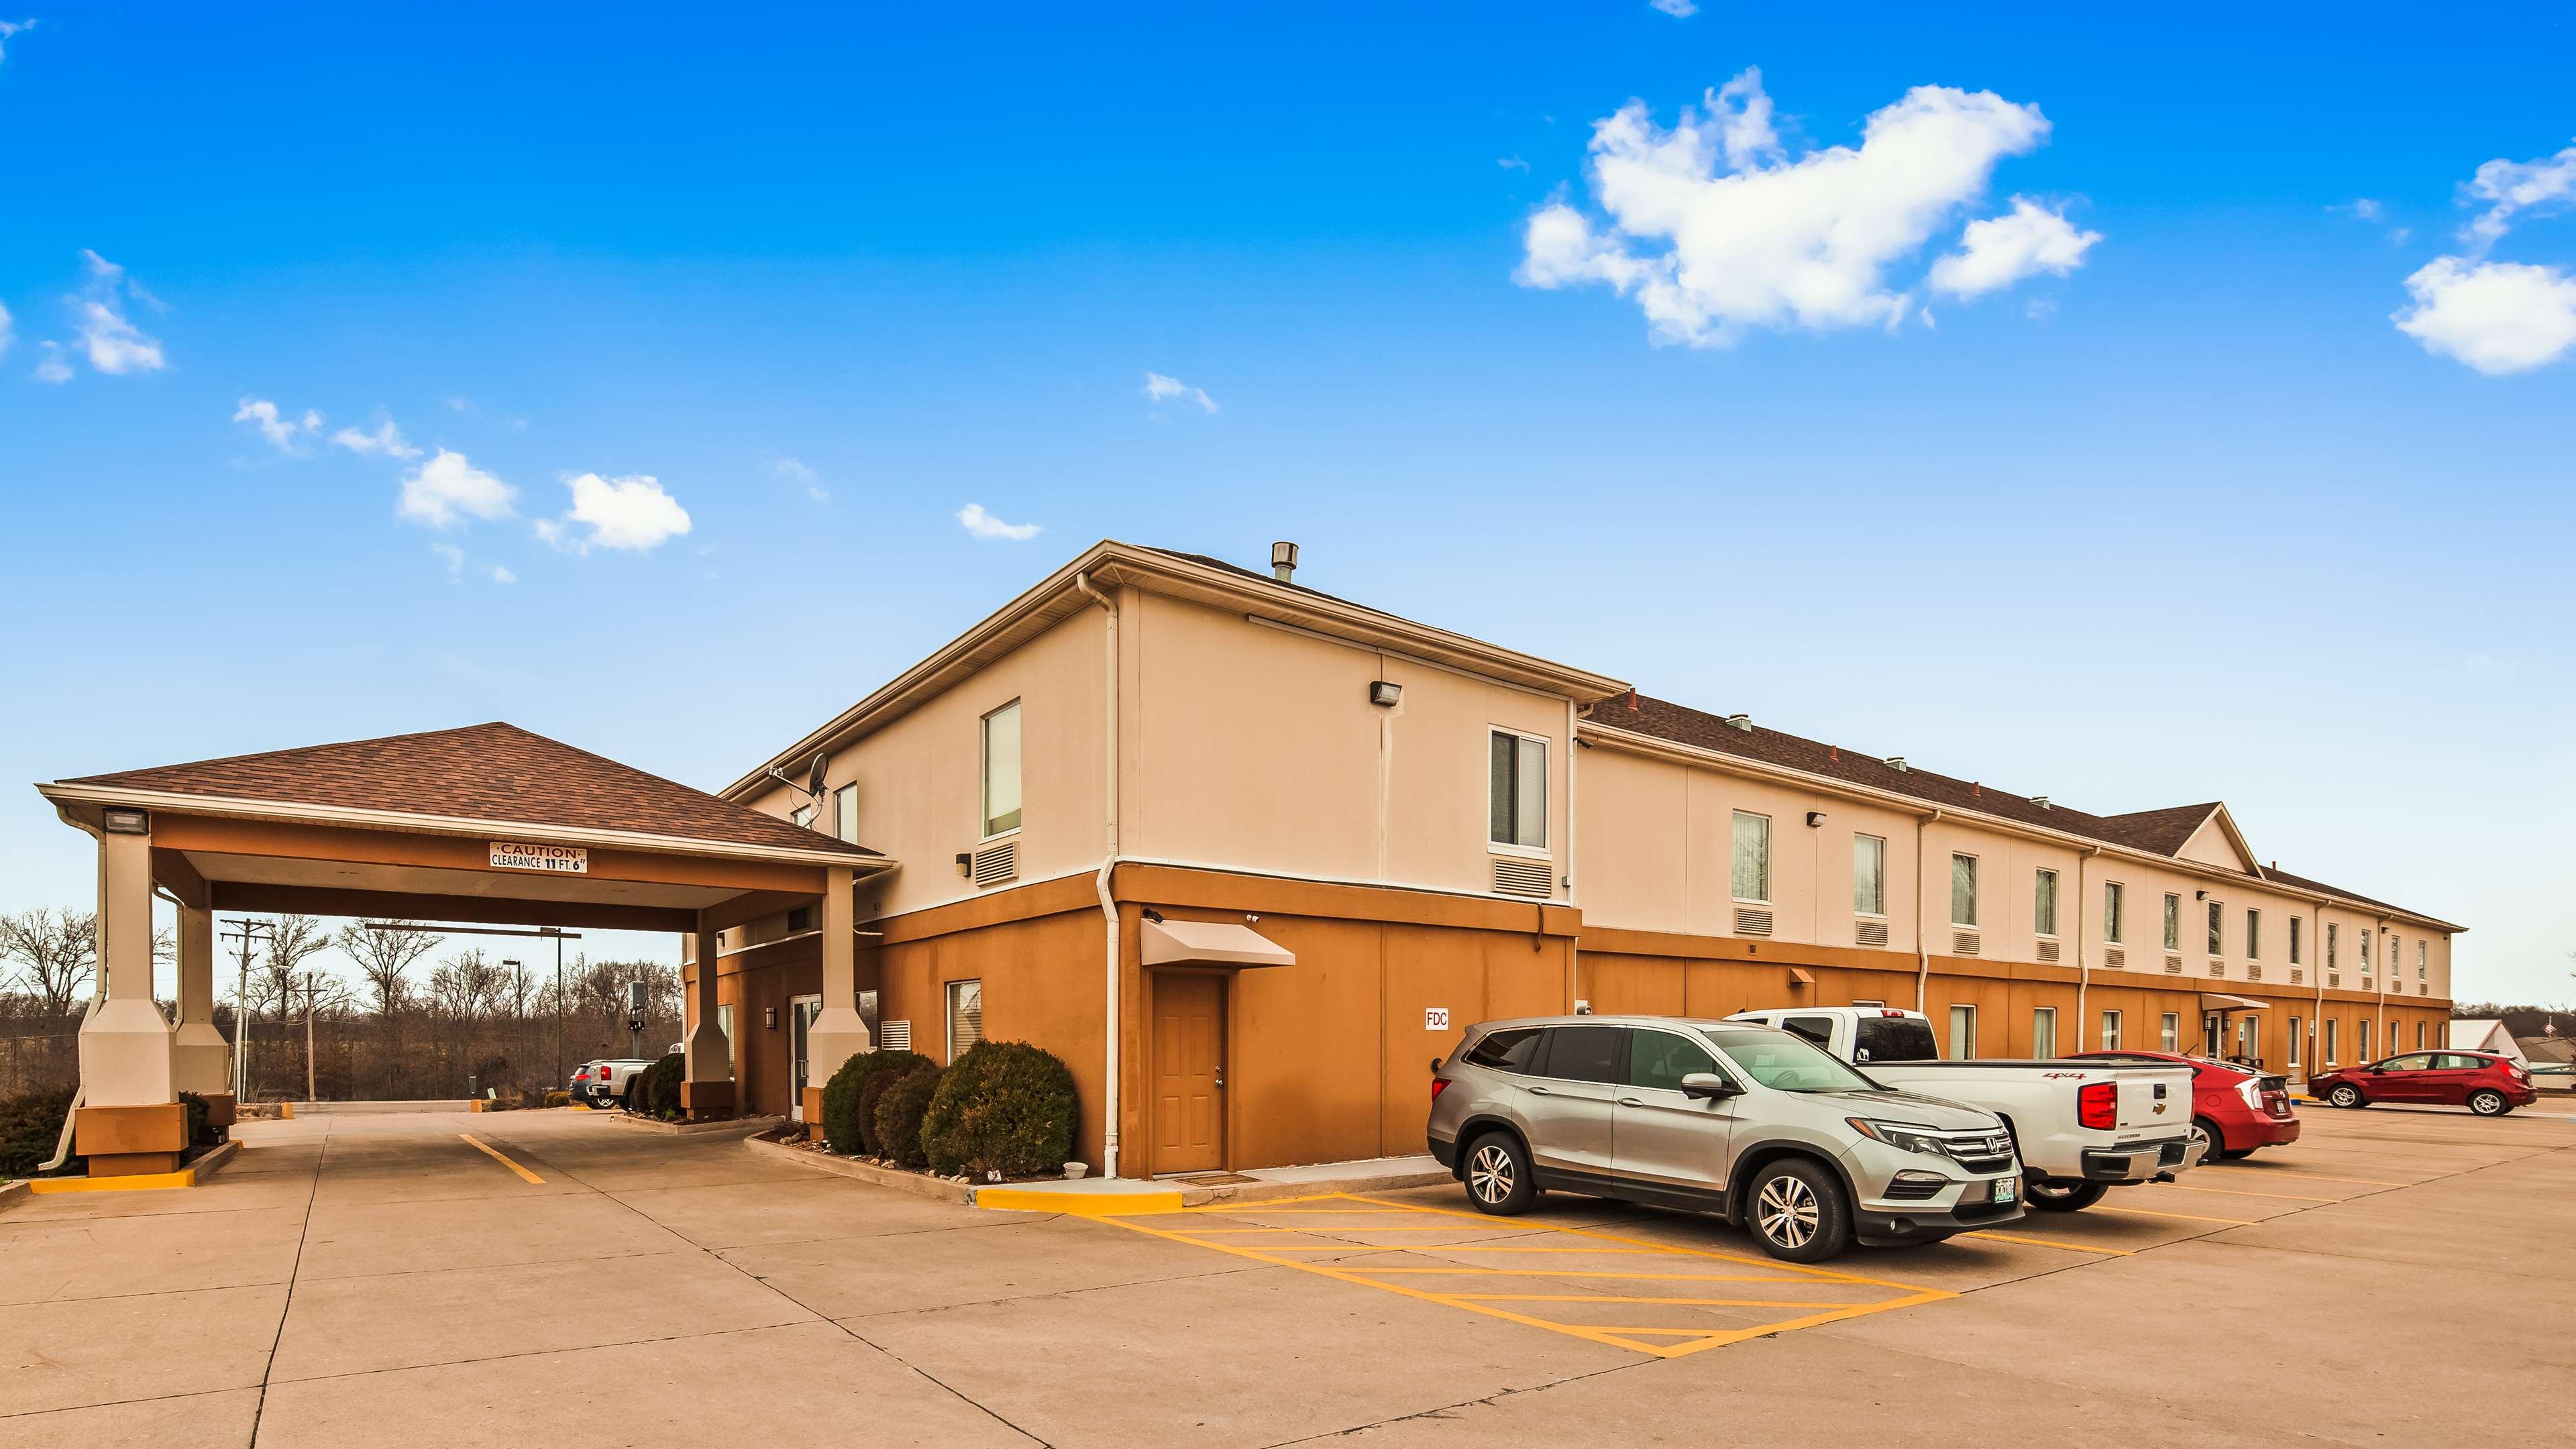 Best Western Teal Lake Inn image 2